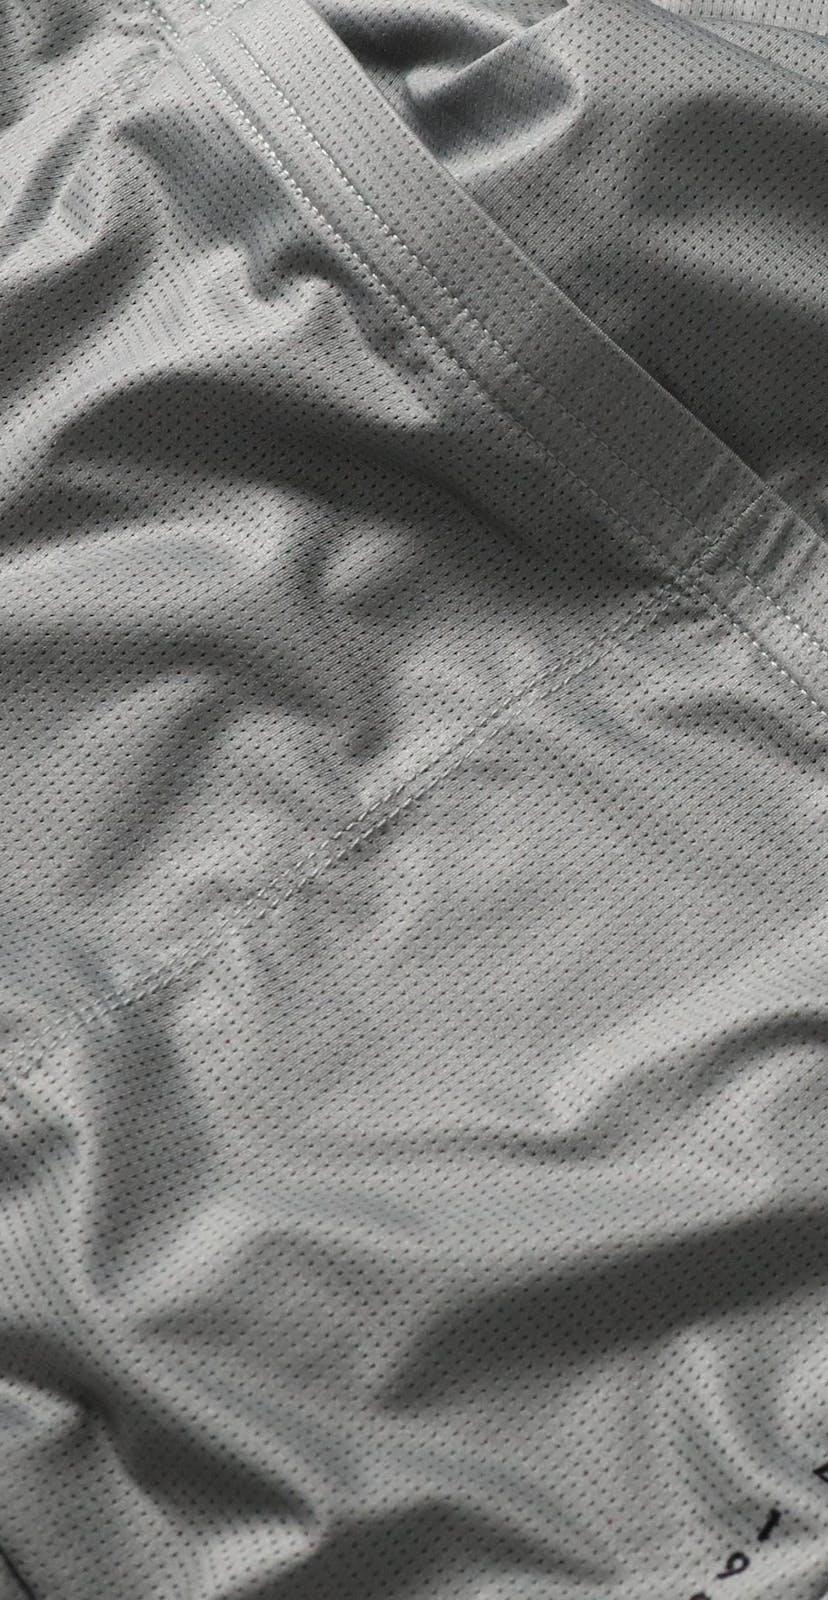 2020 Ironton XC Jersey Dust Turq Detail 2